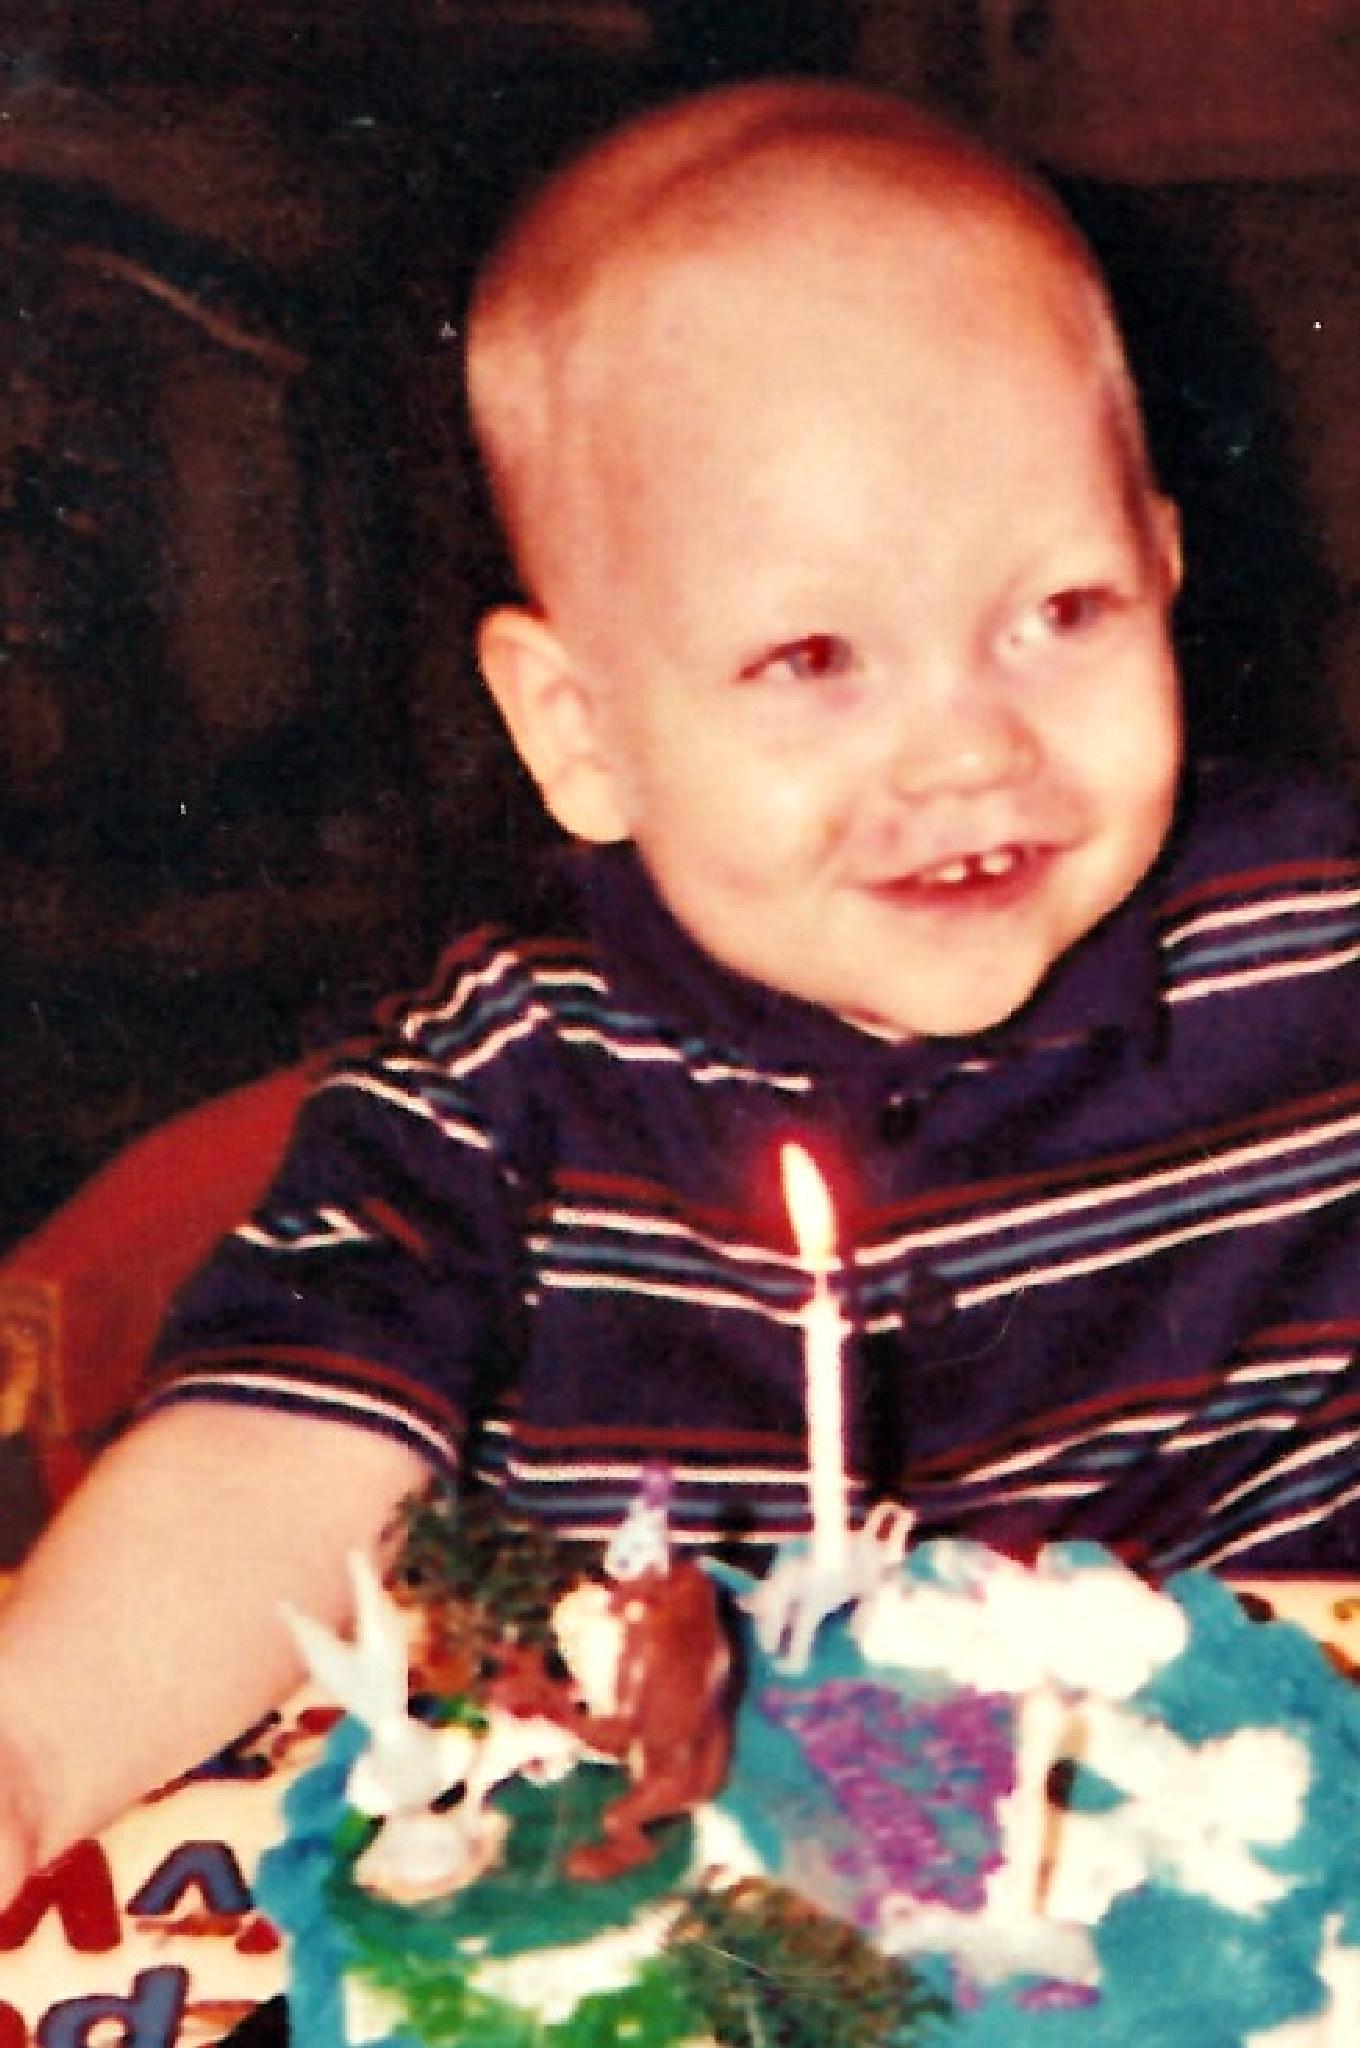 JC's 1st Birthday 1997 by cheryl.lowery.r